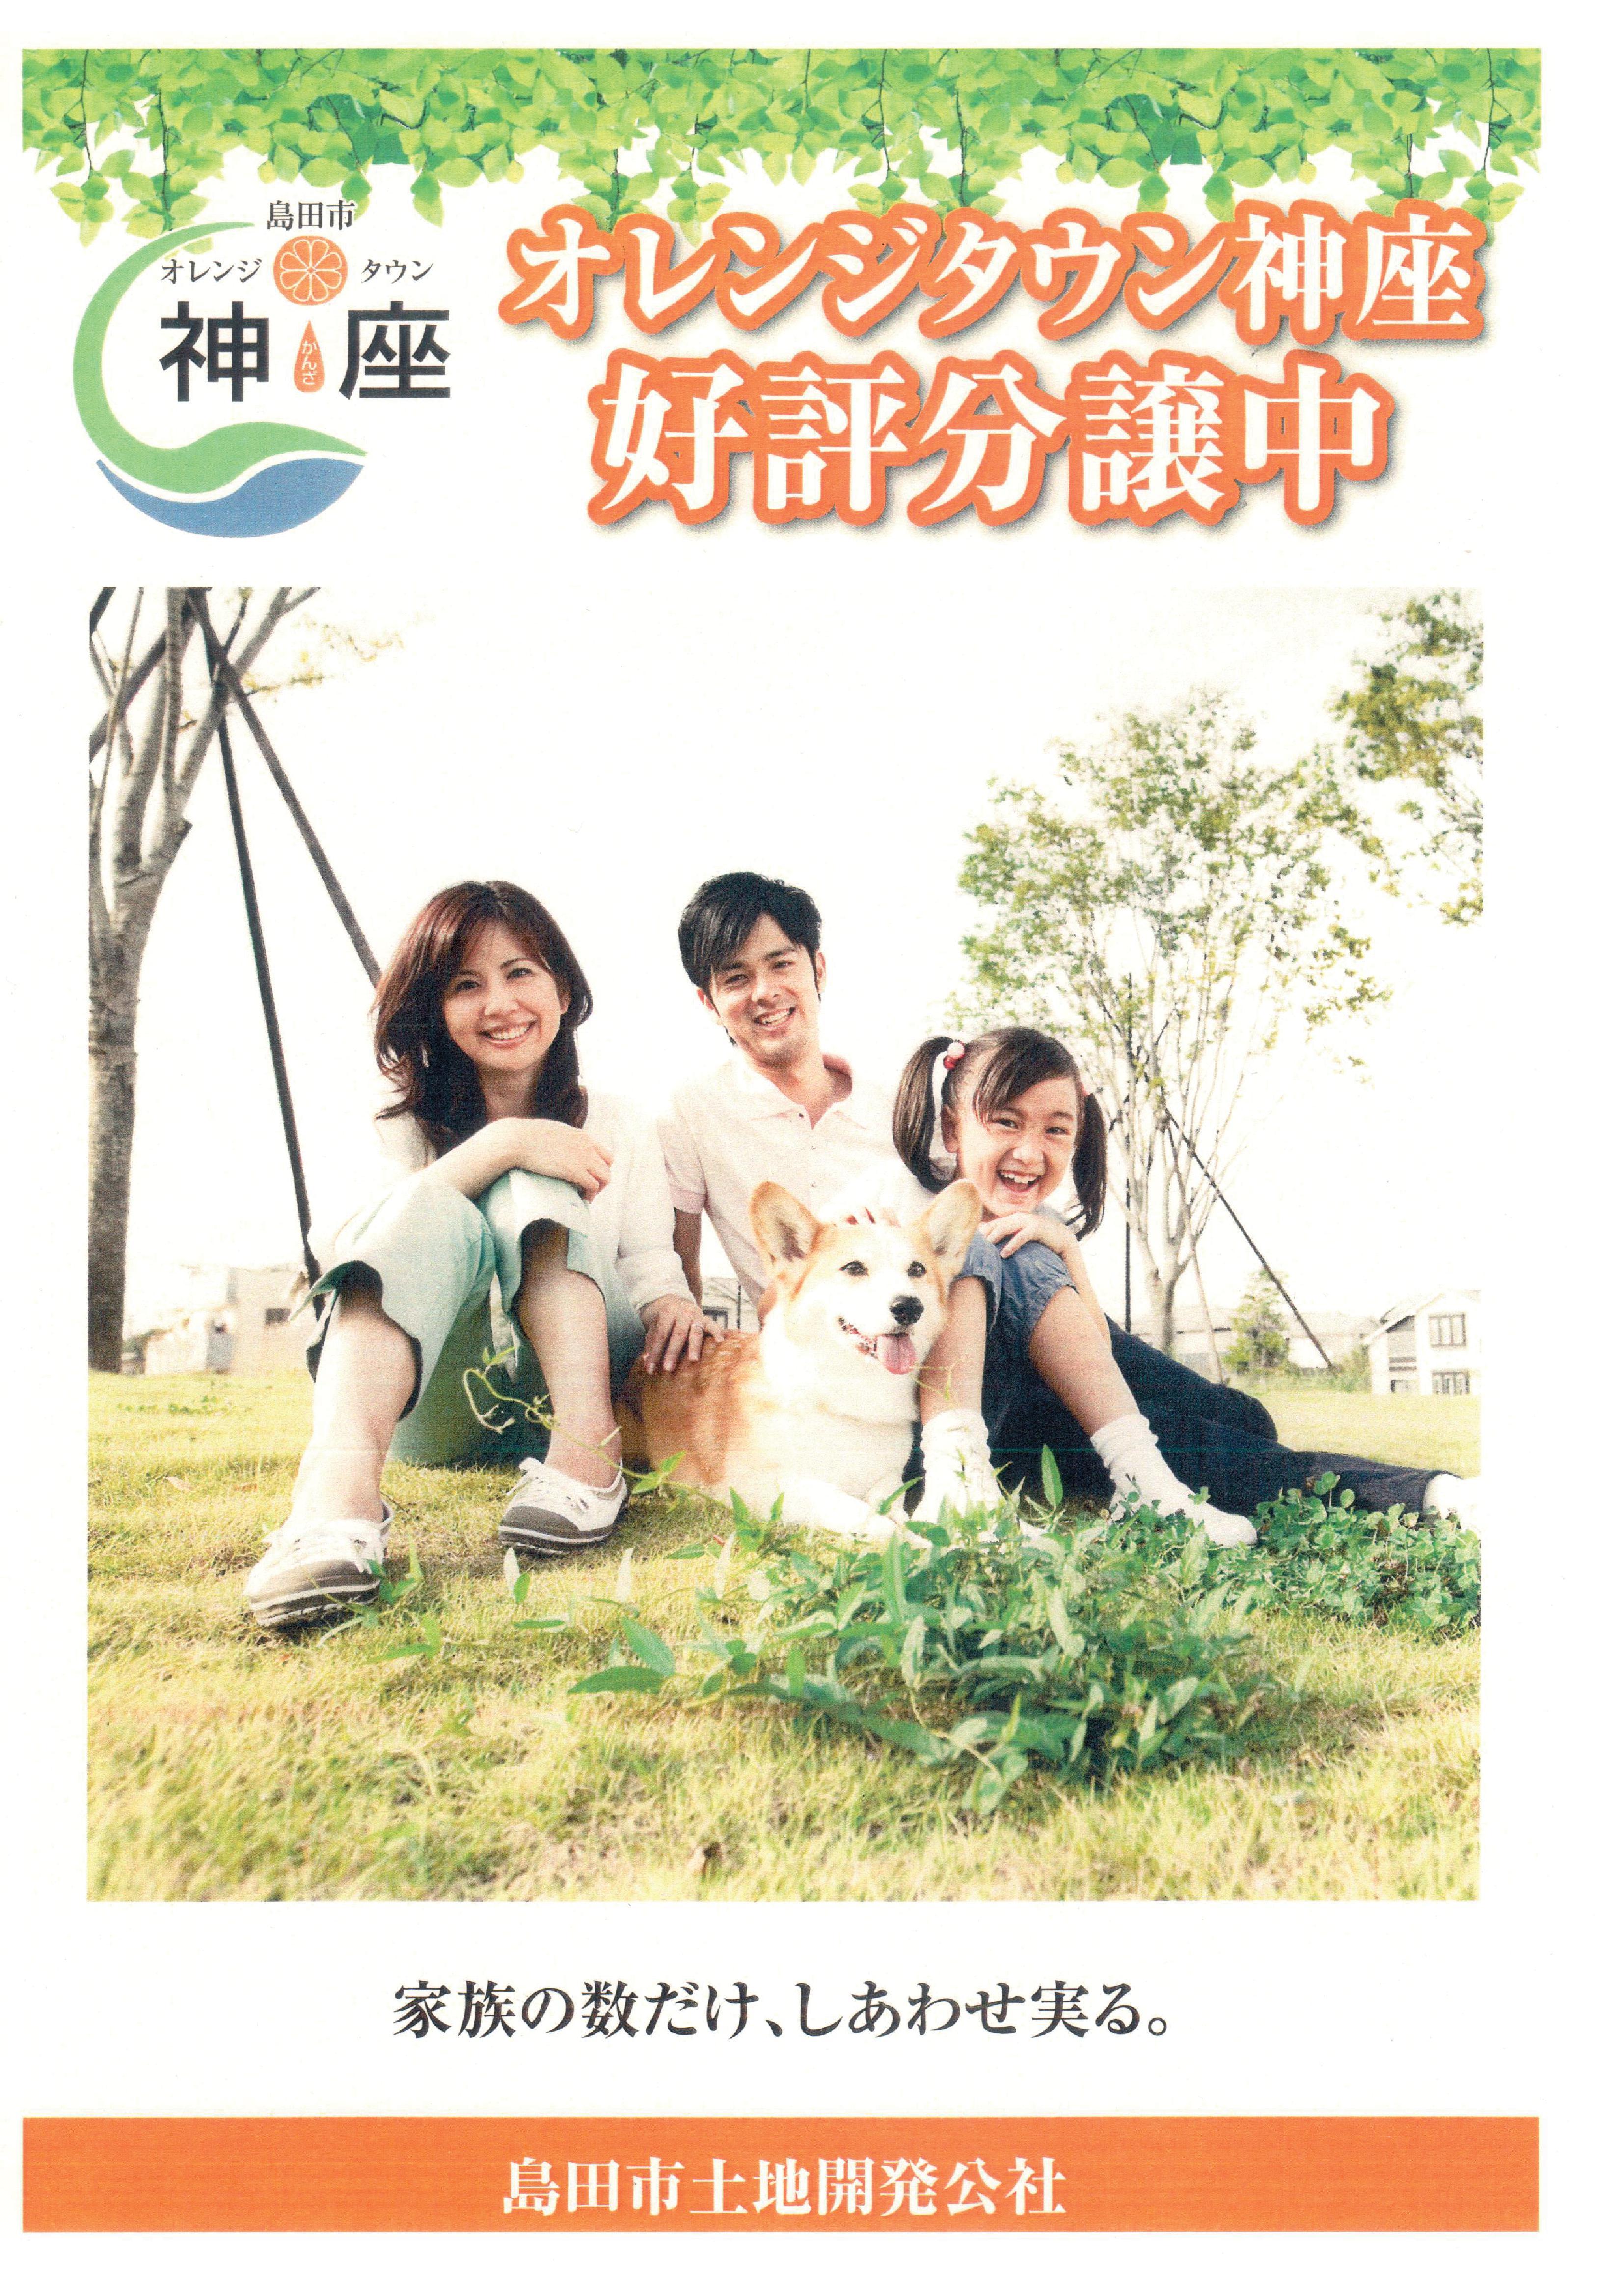 オレンジタウン神座パンフレット-01